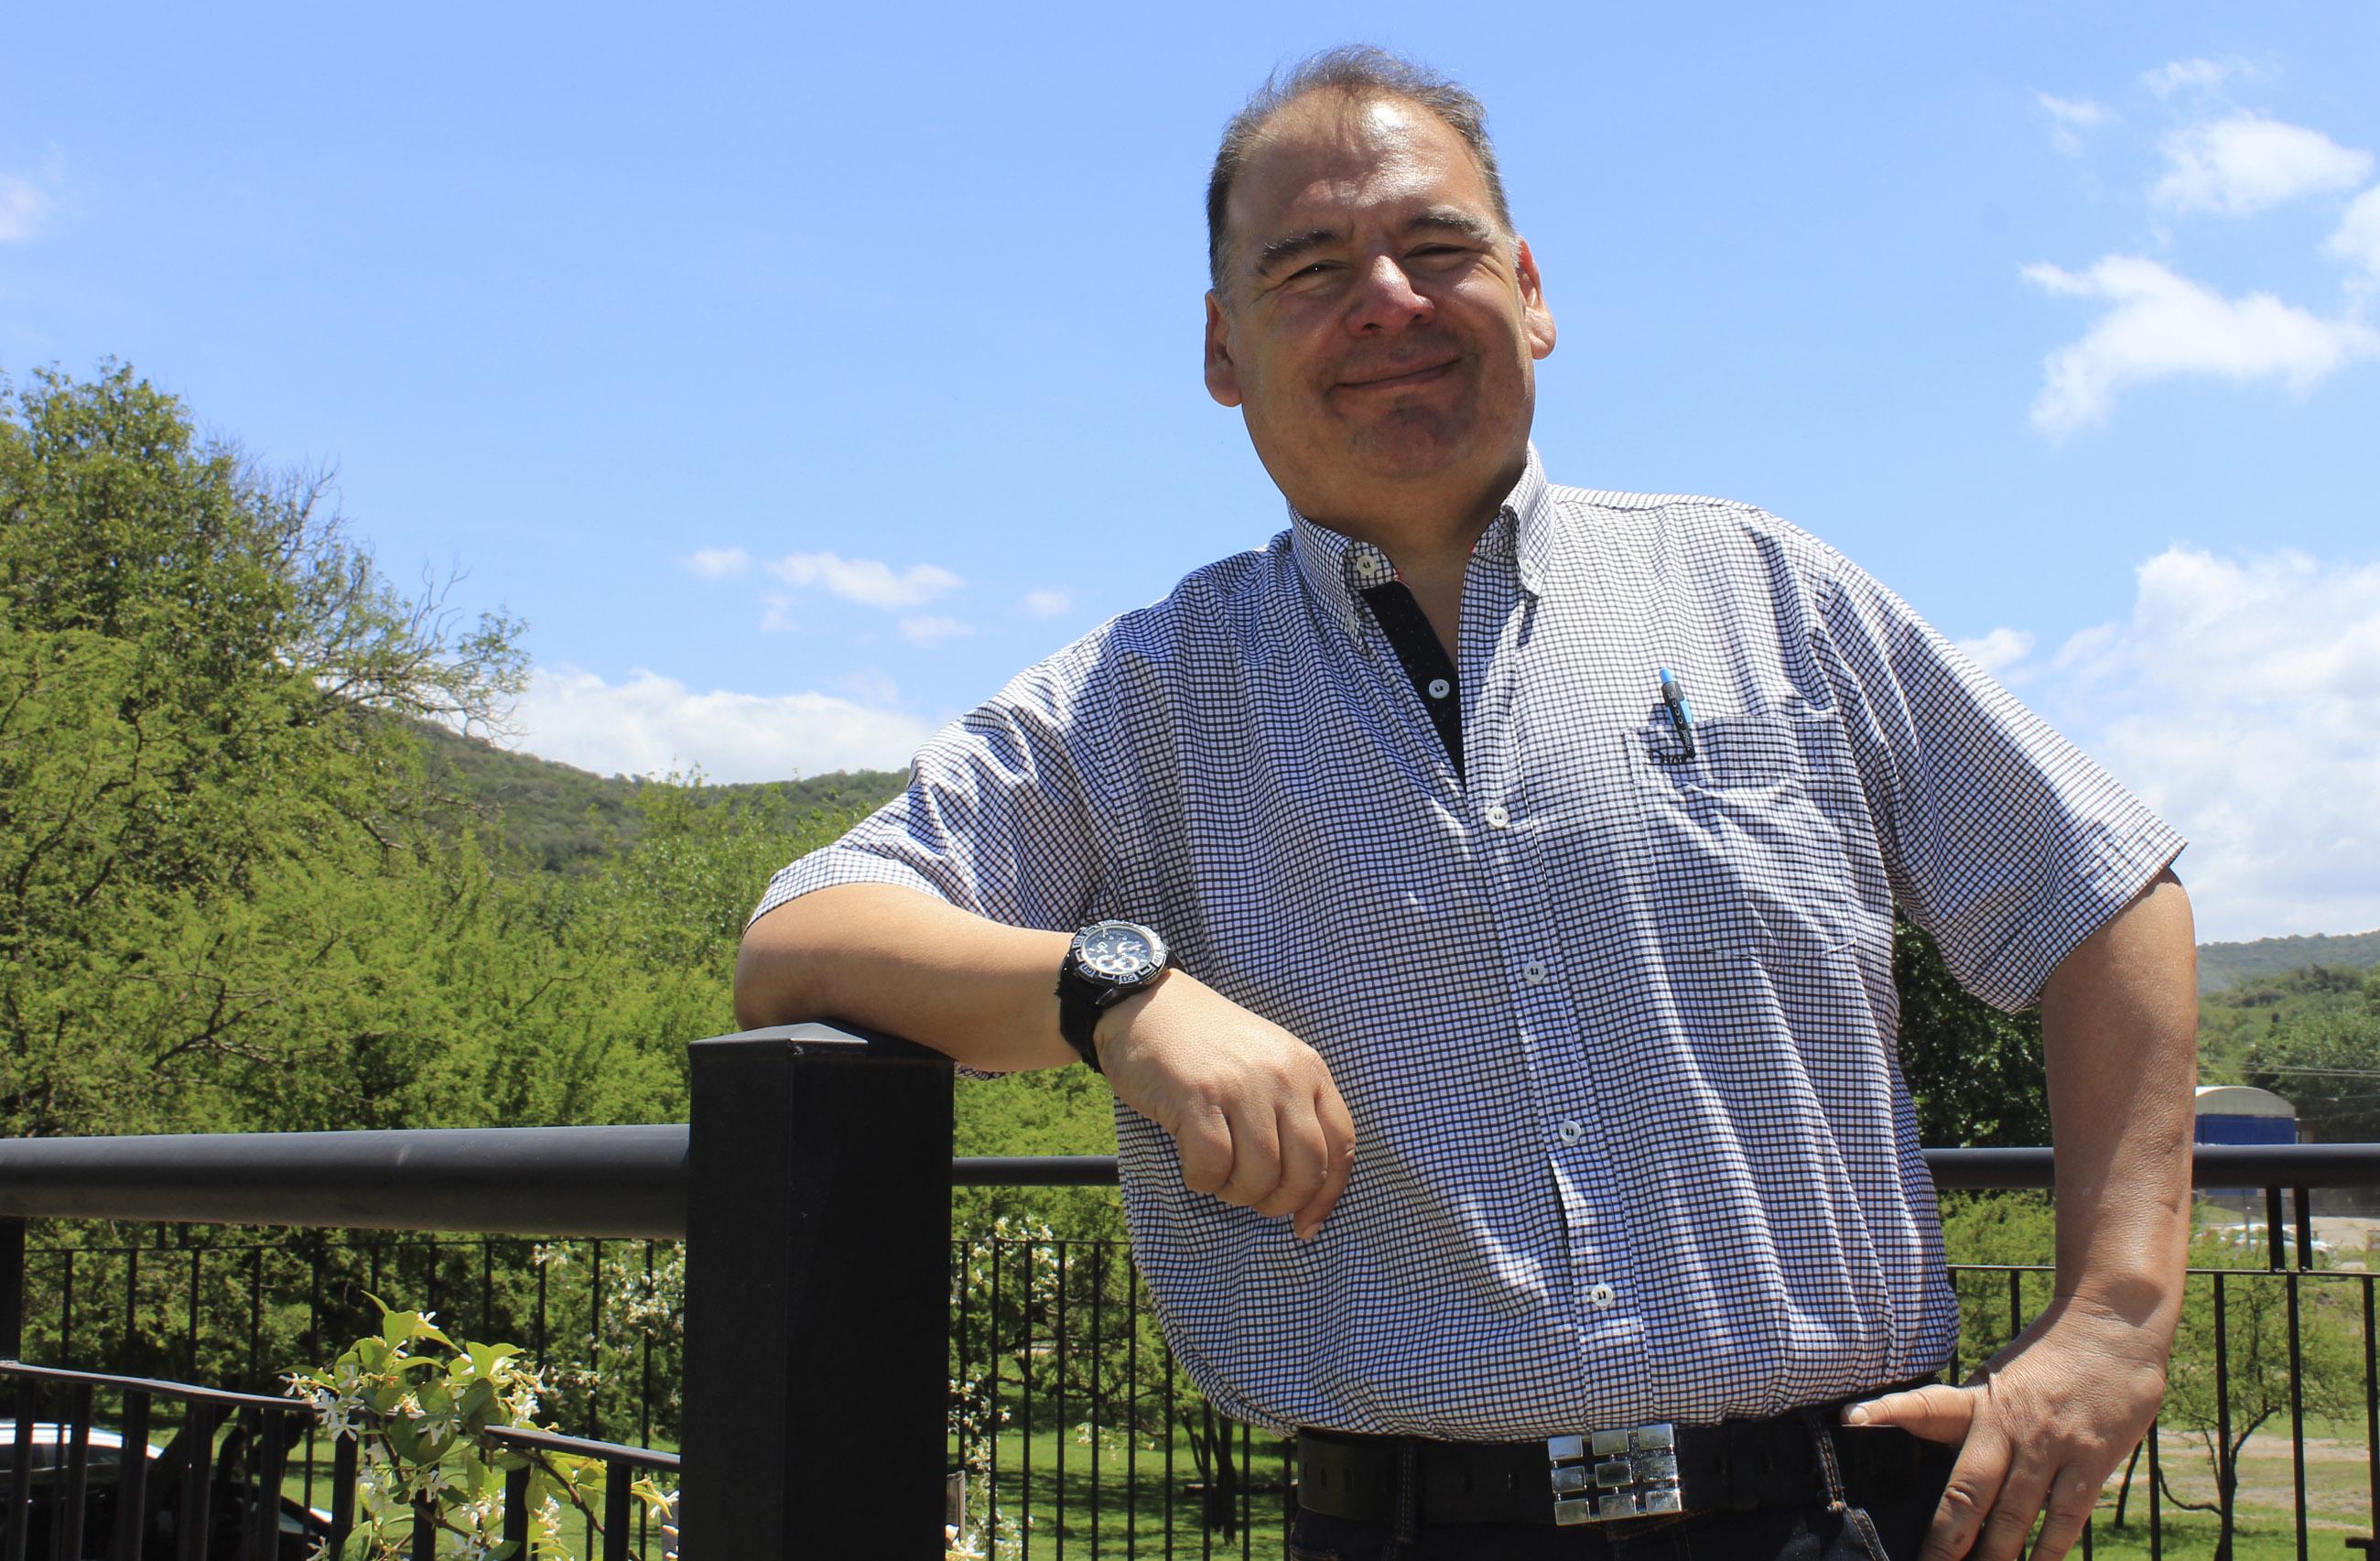 """Jorge Sánchez: """"El público reclama contenido, hay que mostrar más deporte y en mayor variedad"""" 6"""